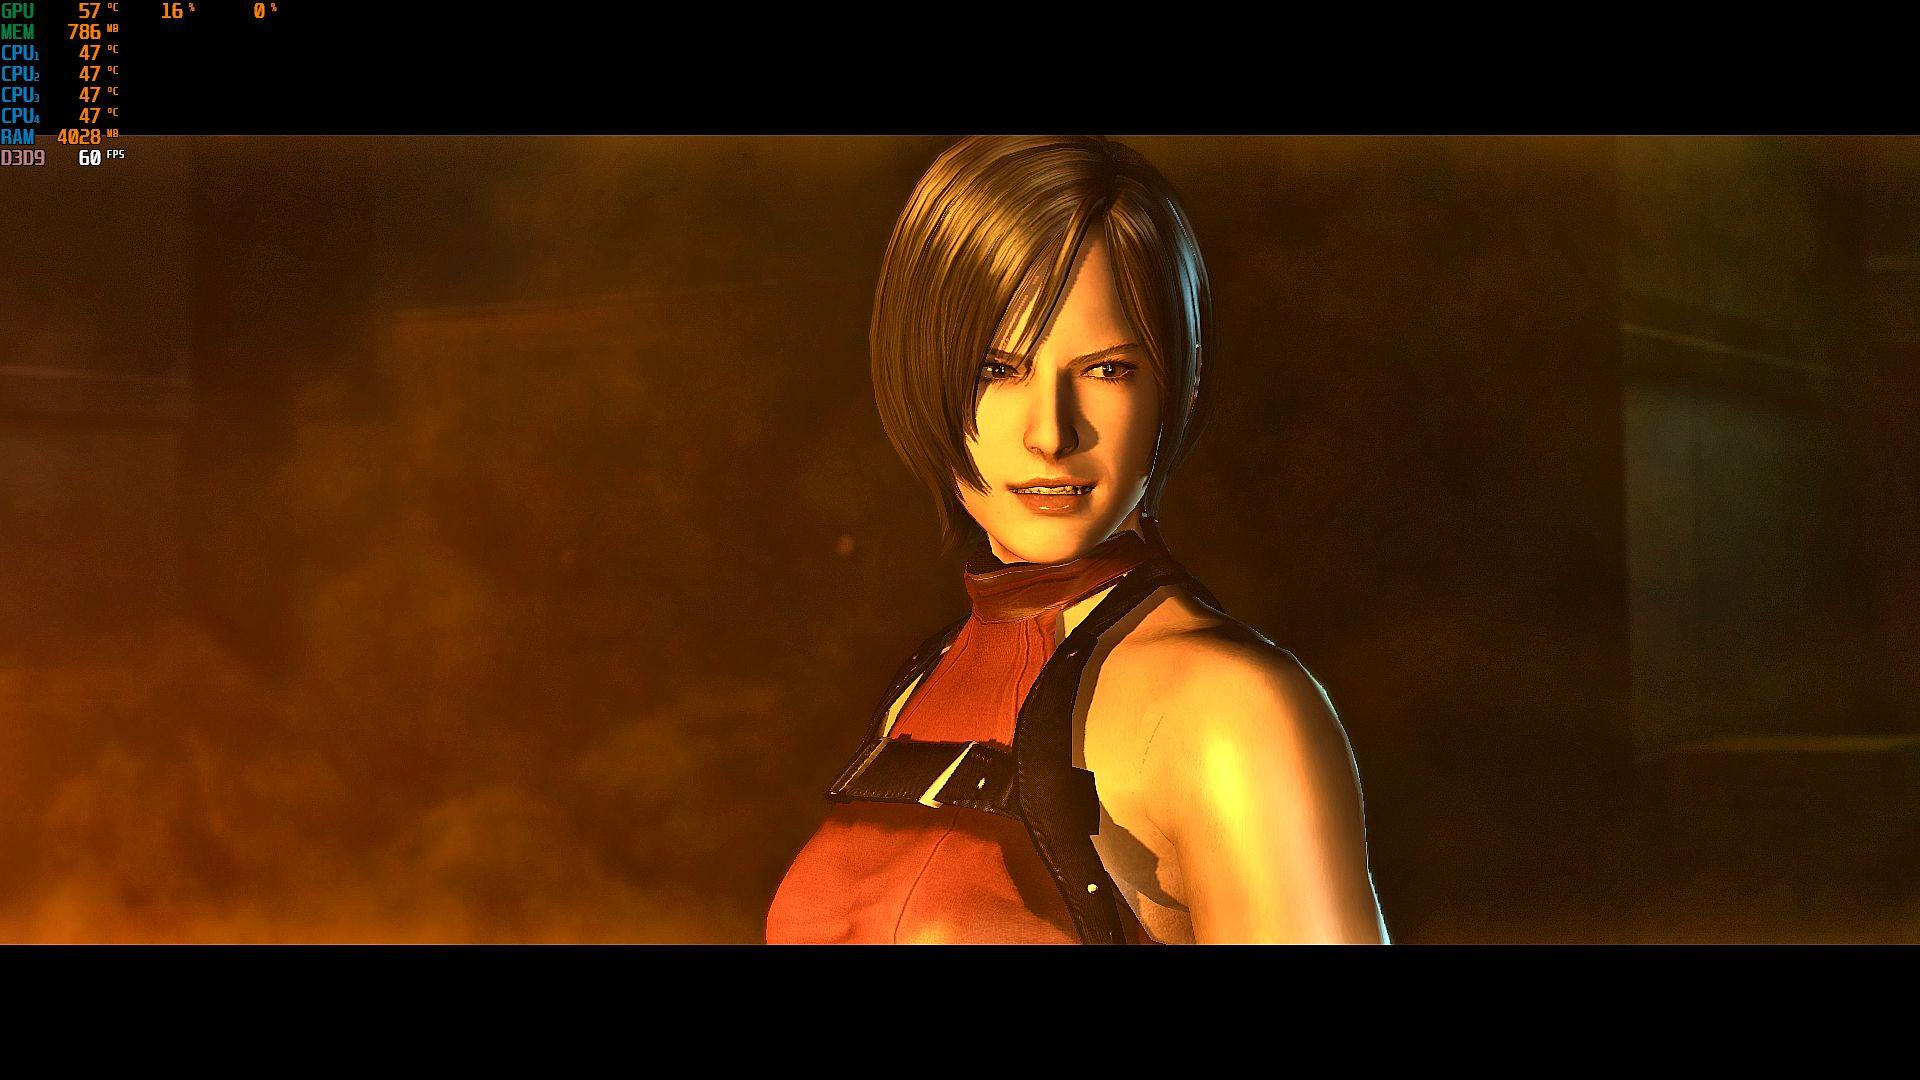 000280.Jpg - Resident Evil 6